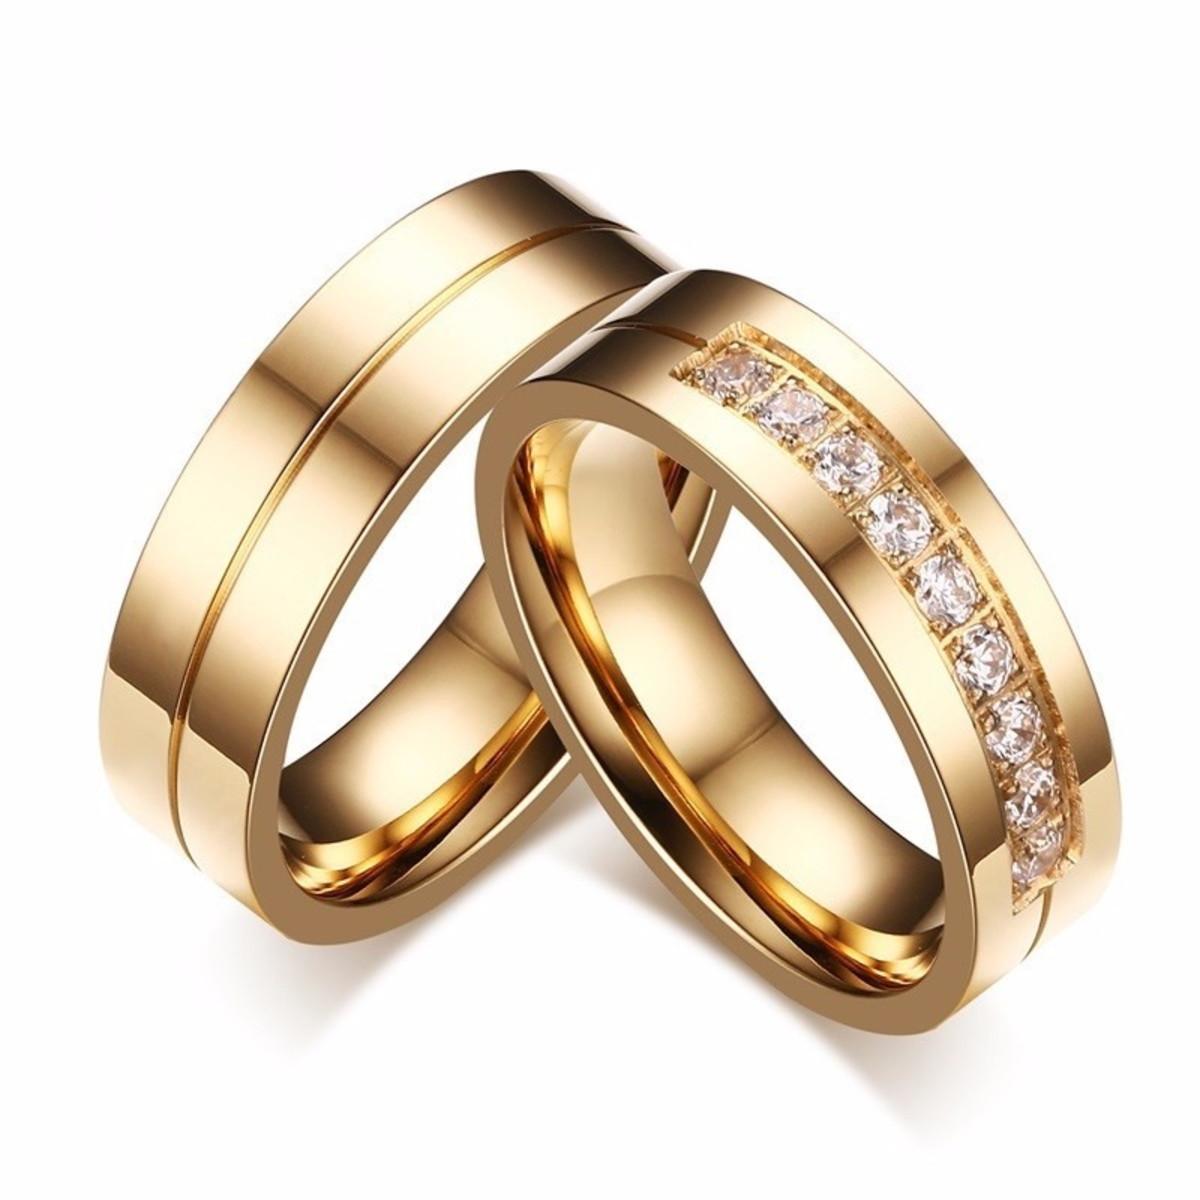 21b1be7b2c9 Par De Alianças De Noivado E Casamento banhada a ouro no Elo7 ...